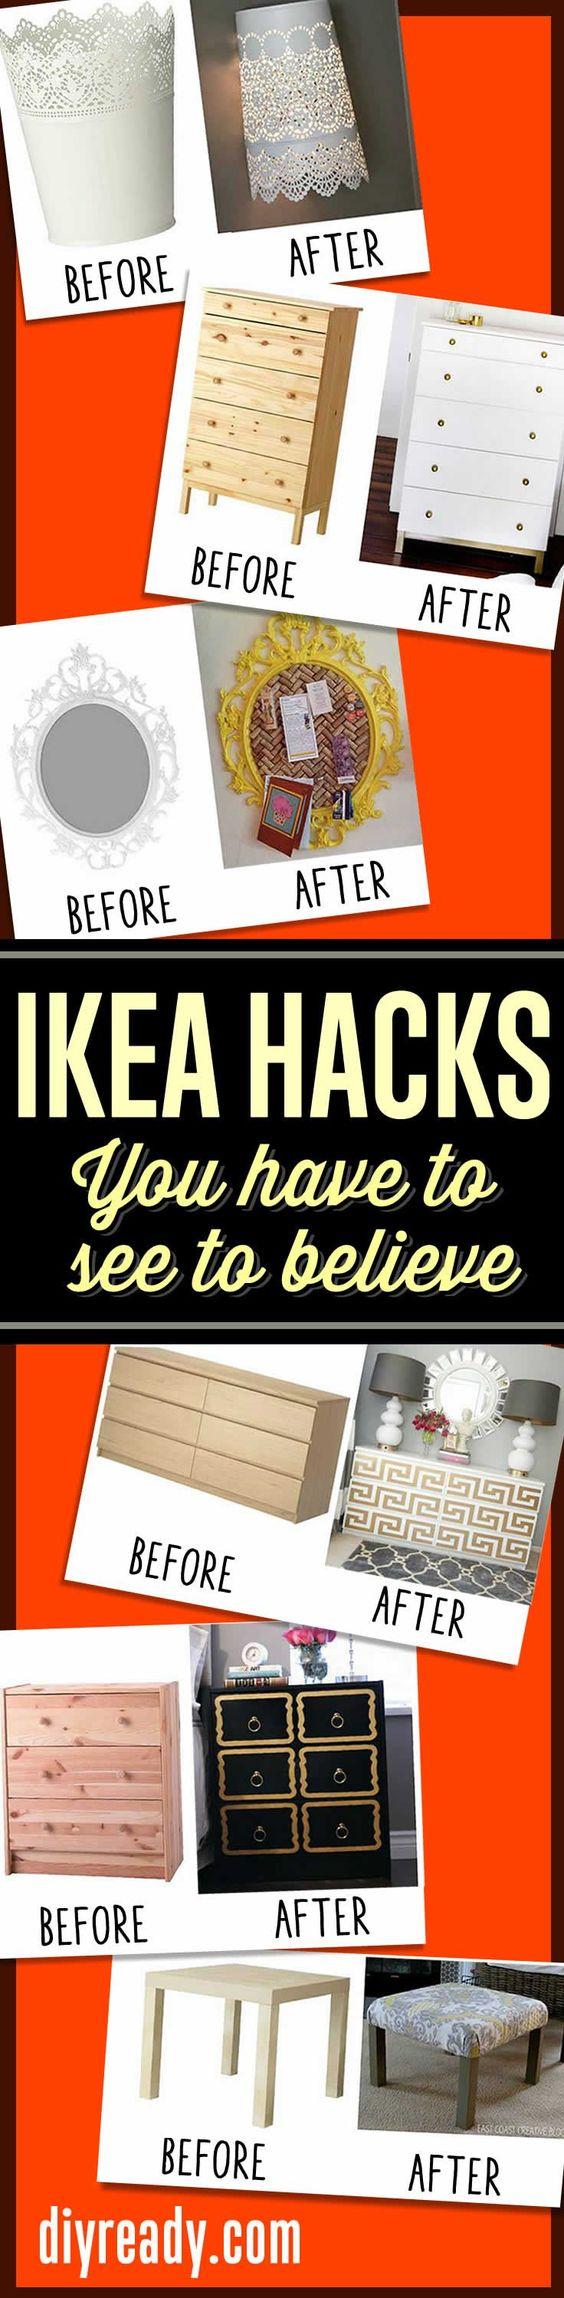 37 clevere arten dein leben mit ikea sachen zu organisieren wohnen und selber machen. Black Bedroom Furniture Sets. Home Design Ideas